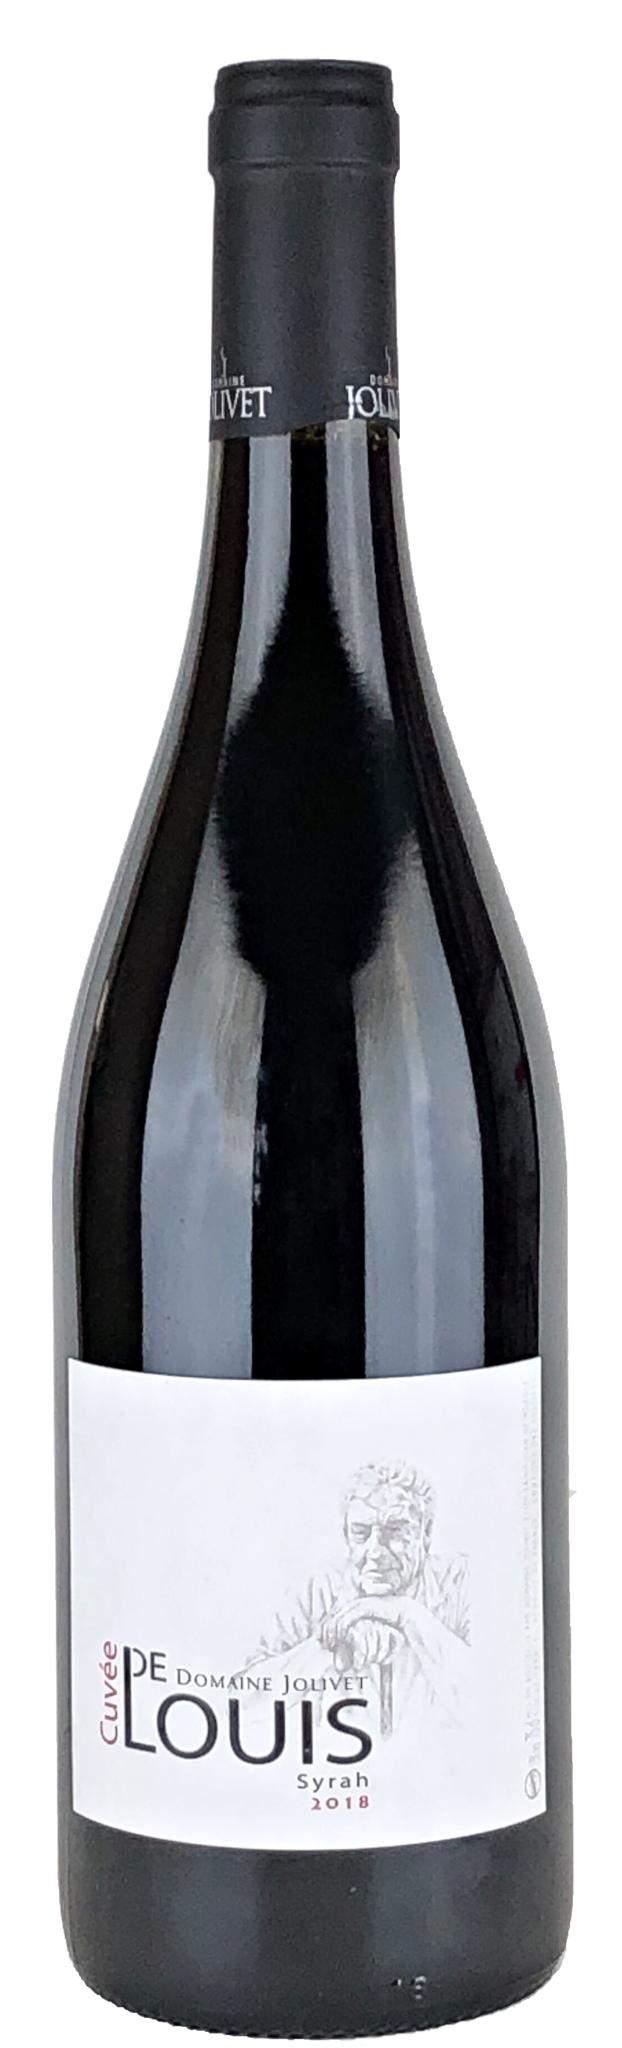 Jolivet, Bastien - Rhône 2018 La Cuvée de Louis rouge, Vin de France, Bastien Jolivet